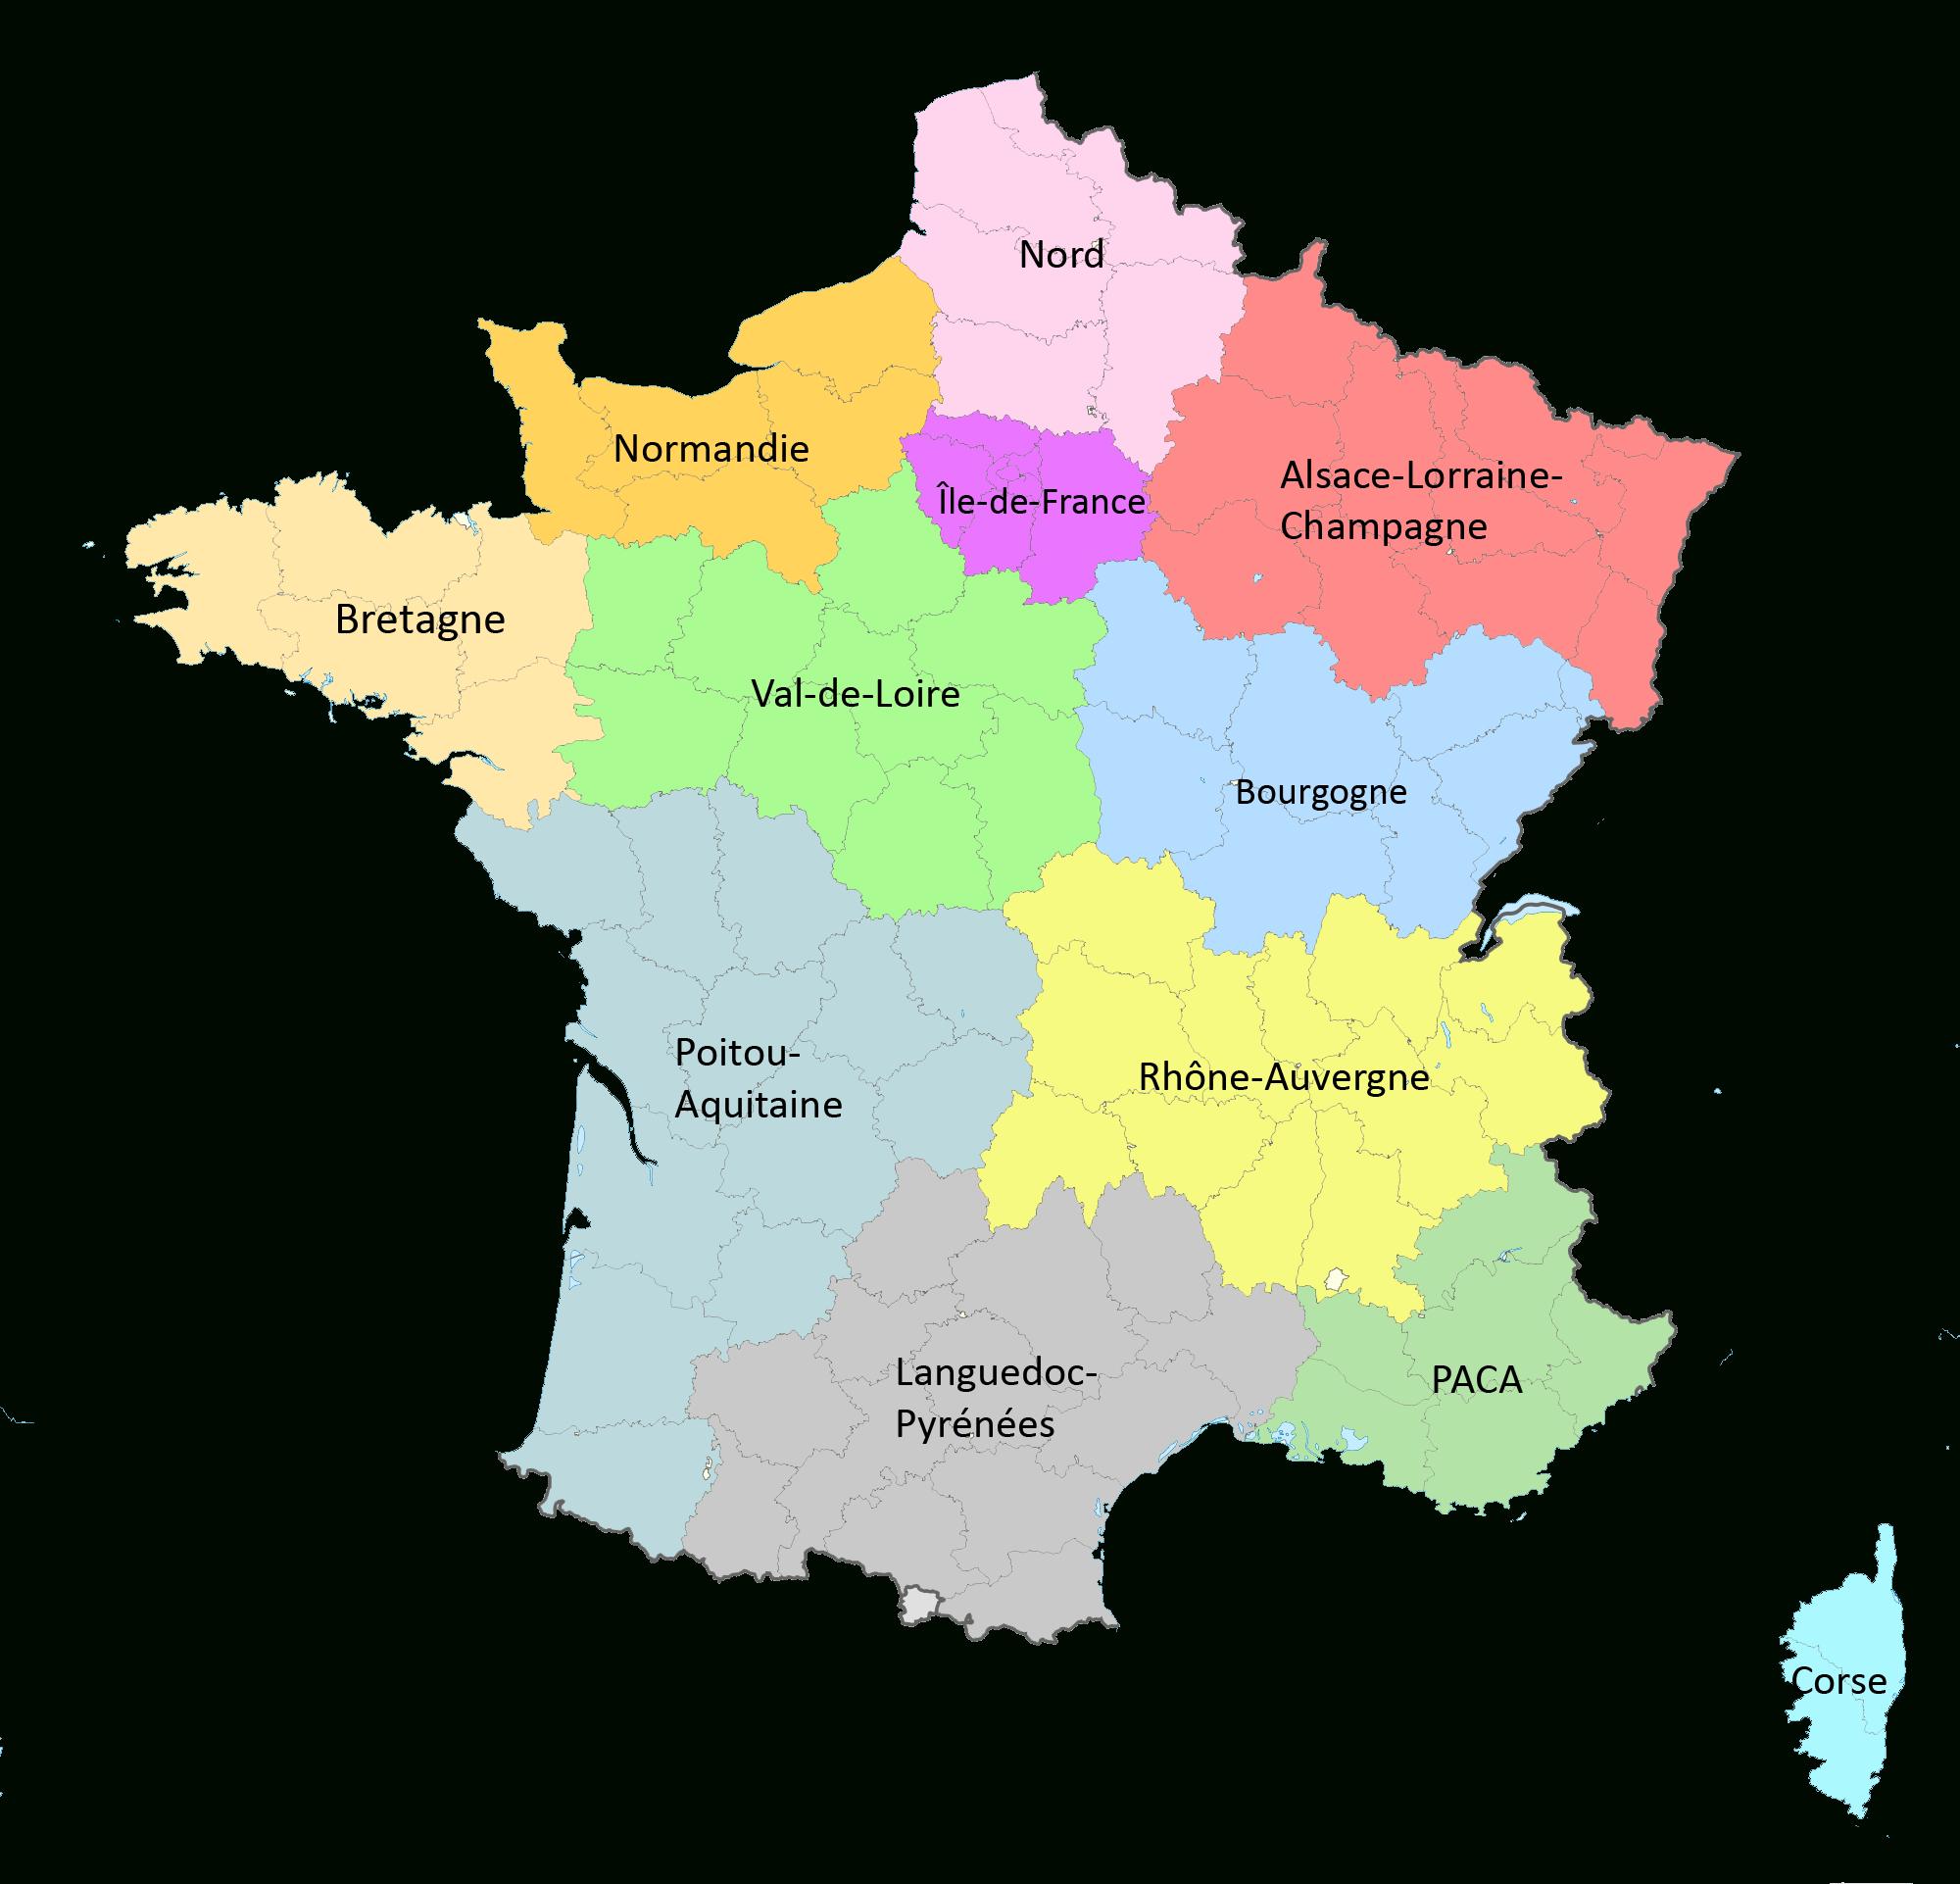 Réforme Territoriale : Une Nouvelle Carte À 12 Régions concernant Nouvelle Carte Region